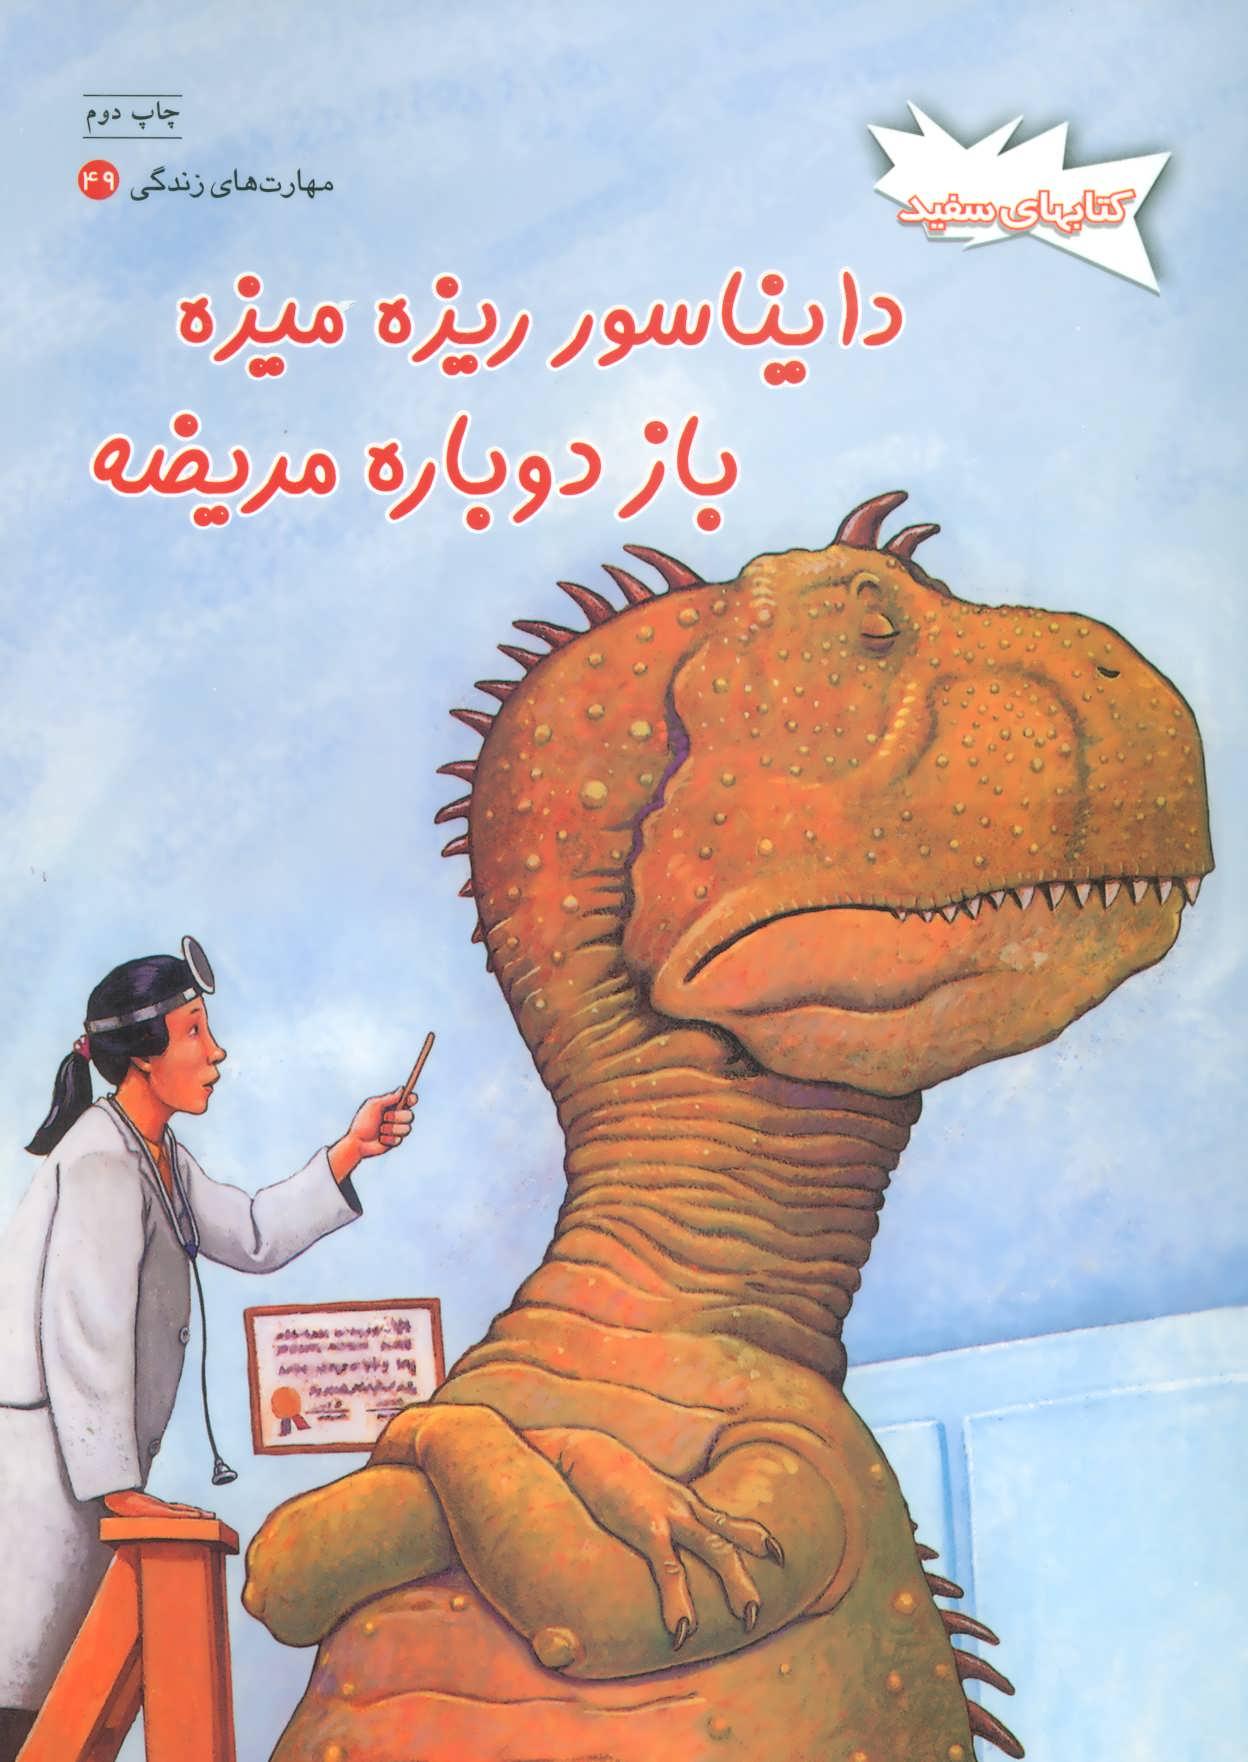 کتاب مهارتهای زندگی دایناسور ریزه میزه